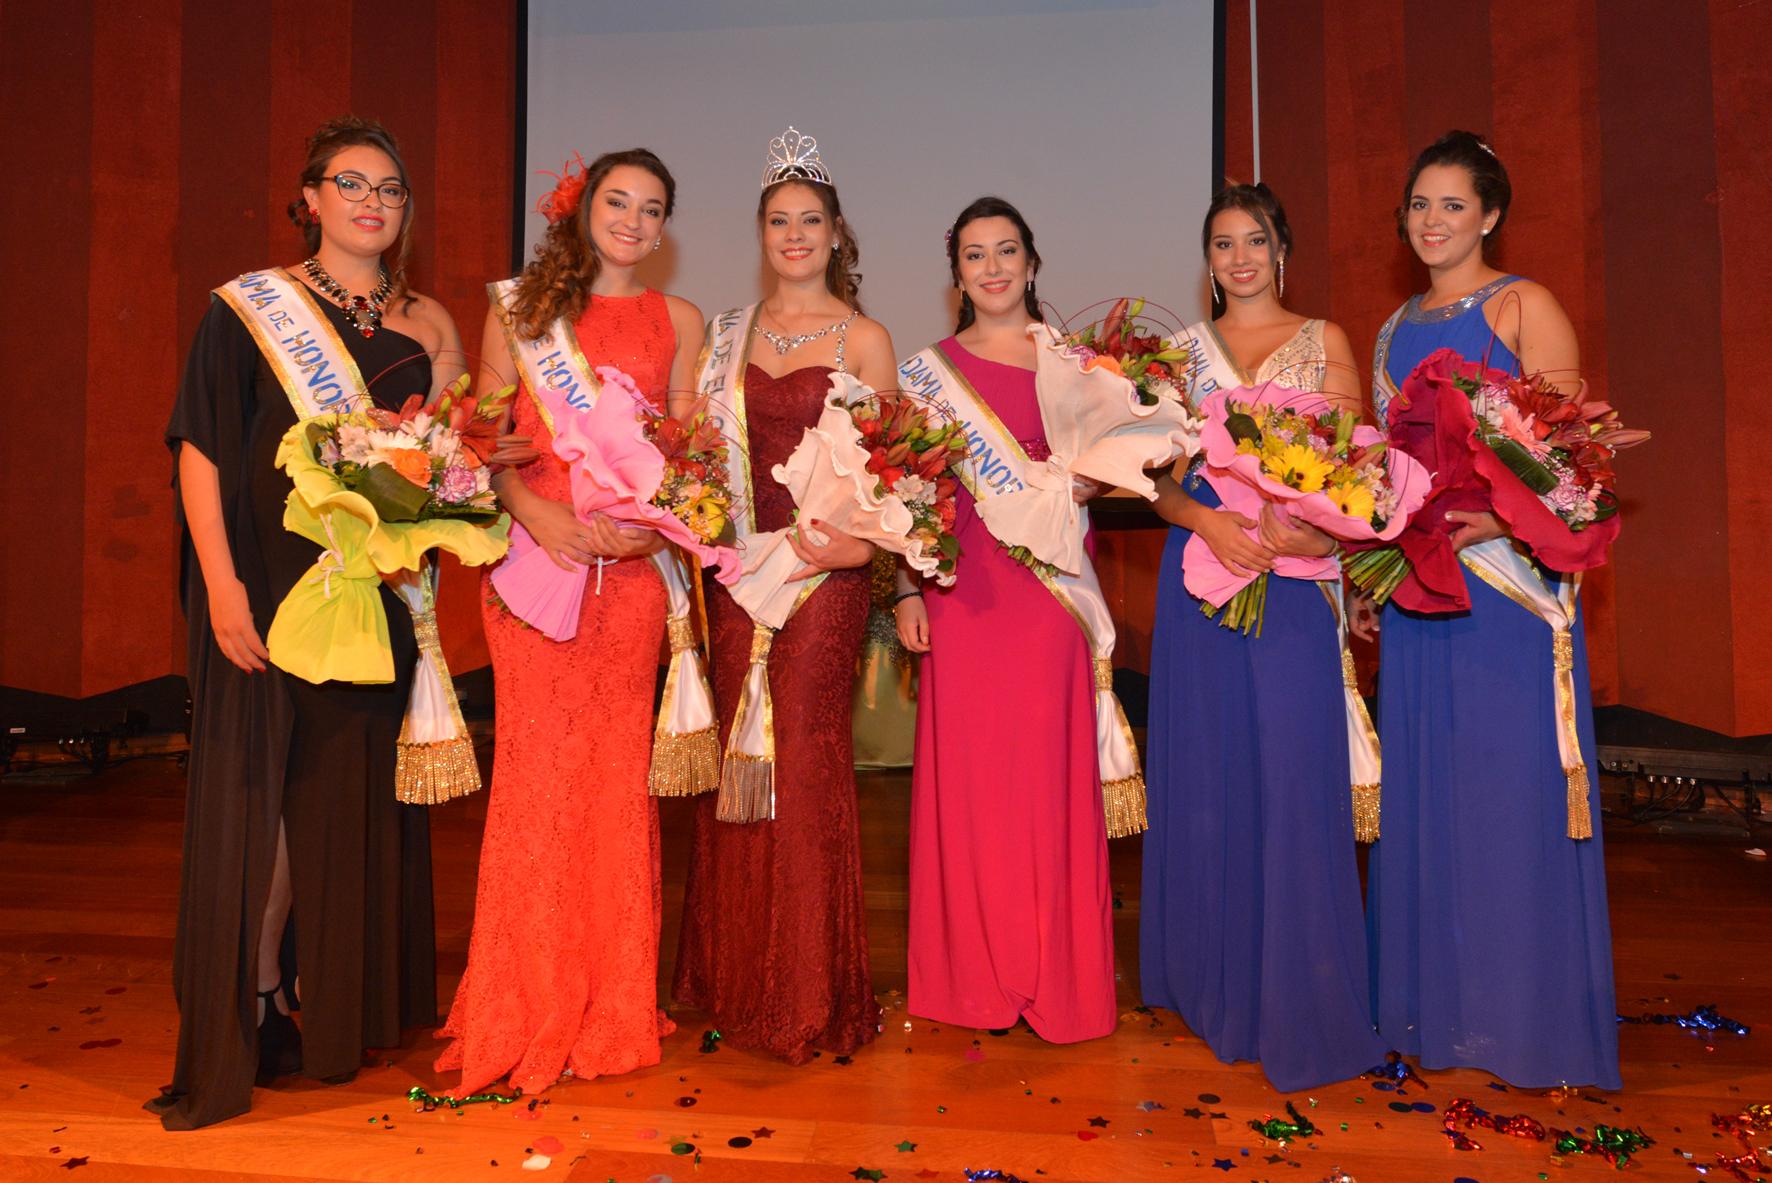 Lorena Gaspar elegida Reina de El Cabo 2017